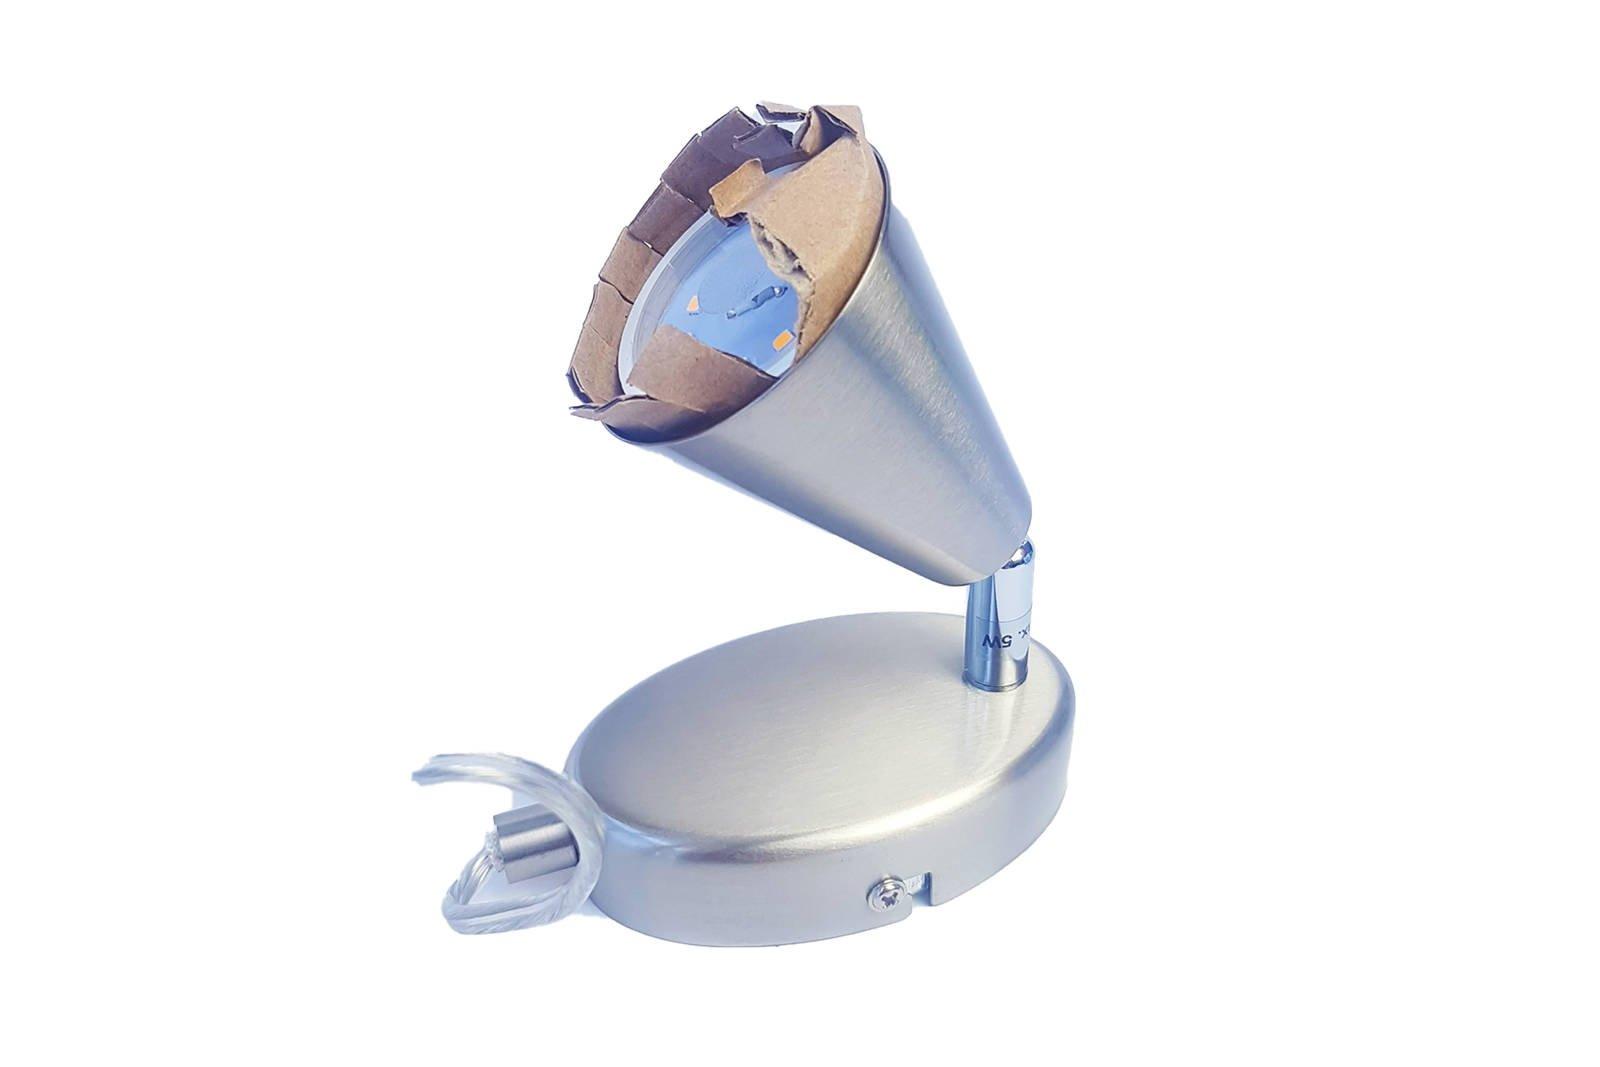 The flash point spotlight Briloner 2859-012